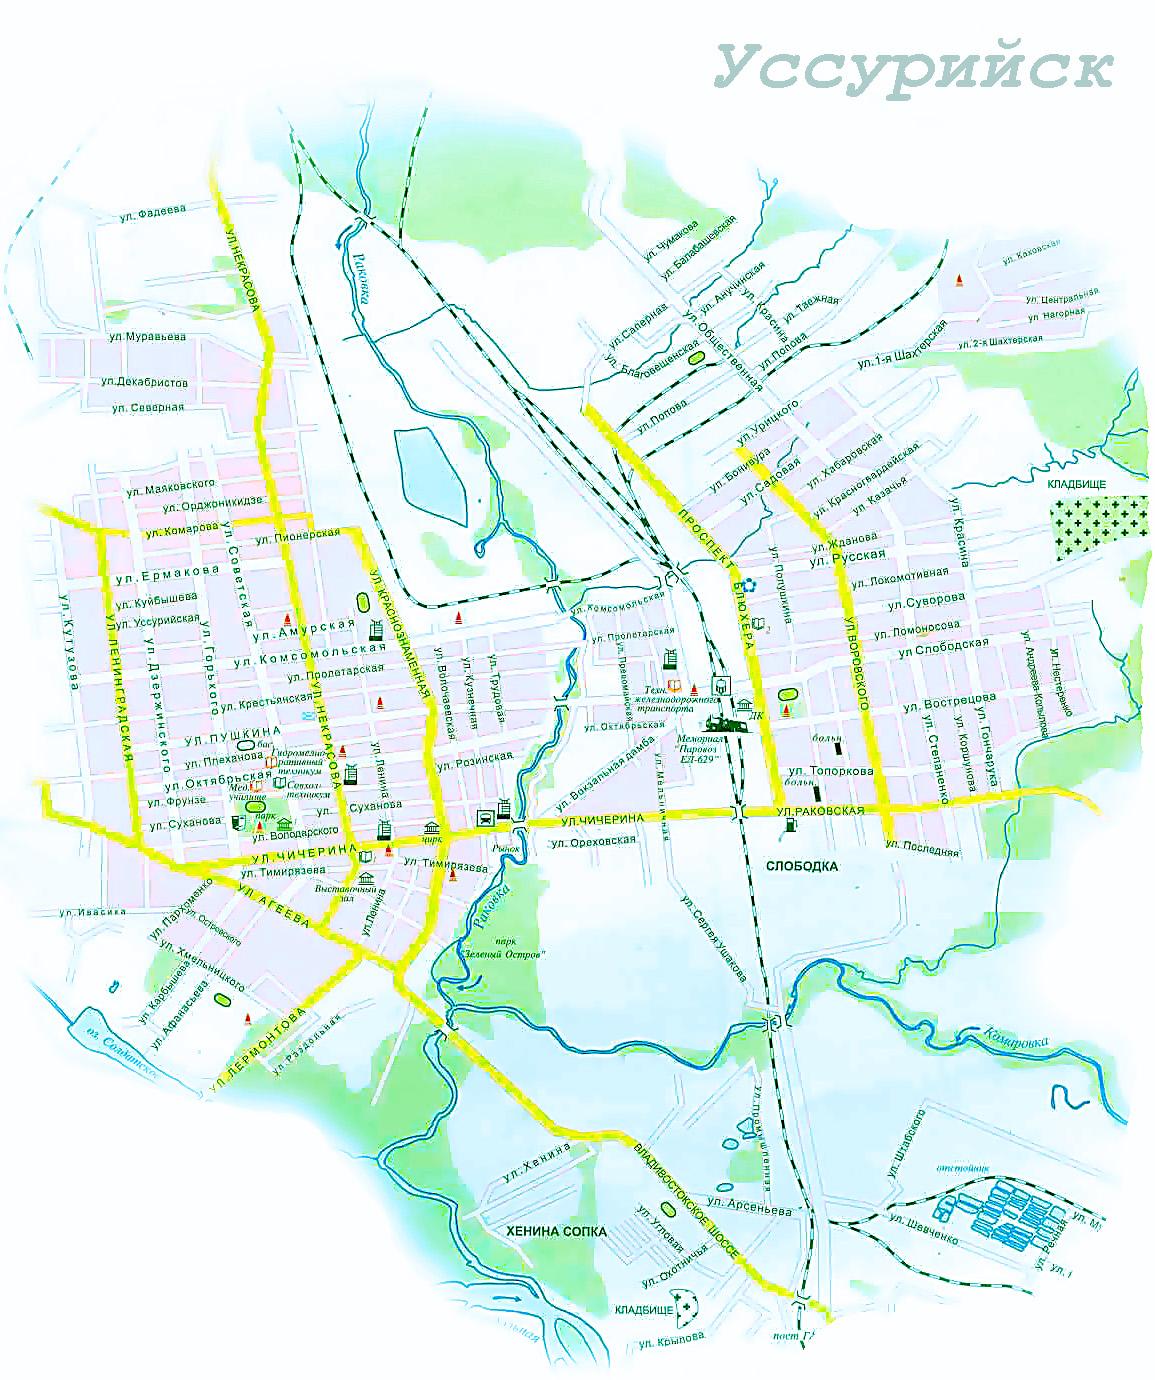 Уссурийск схема города